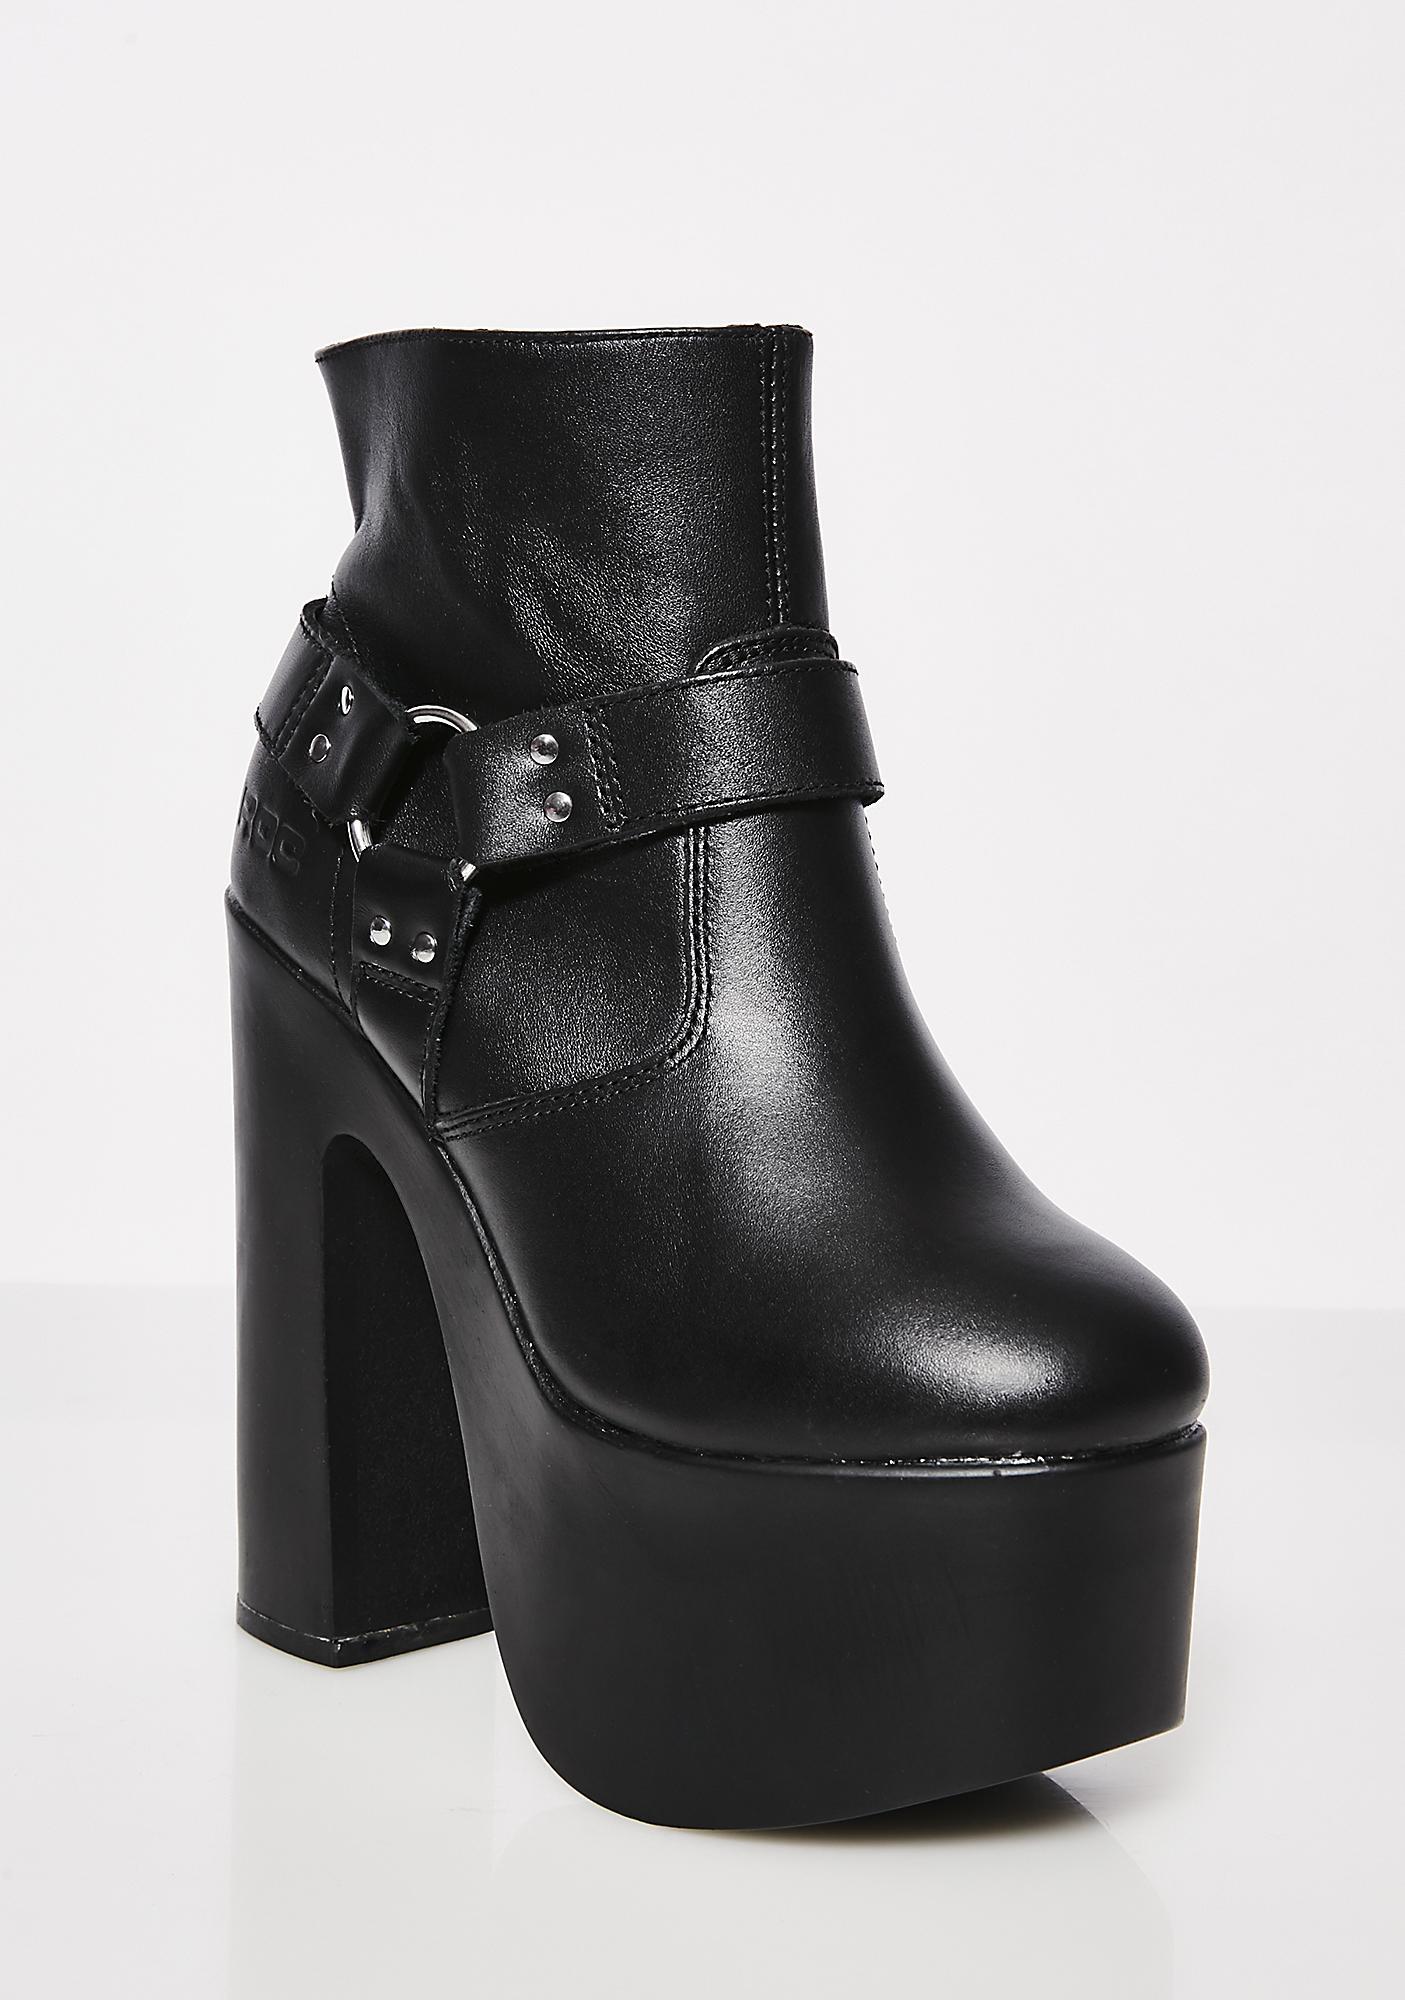 ROC Boots Australia Hirudo Platform Boots